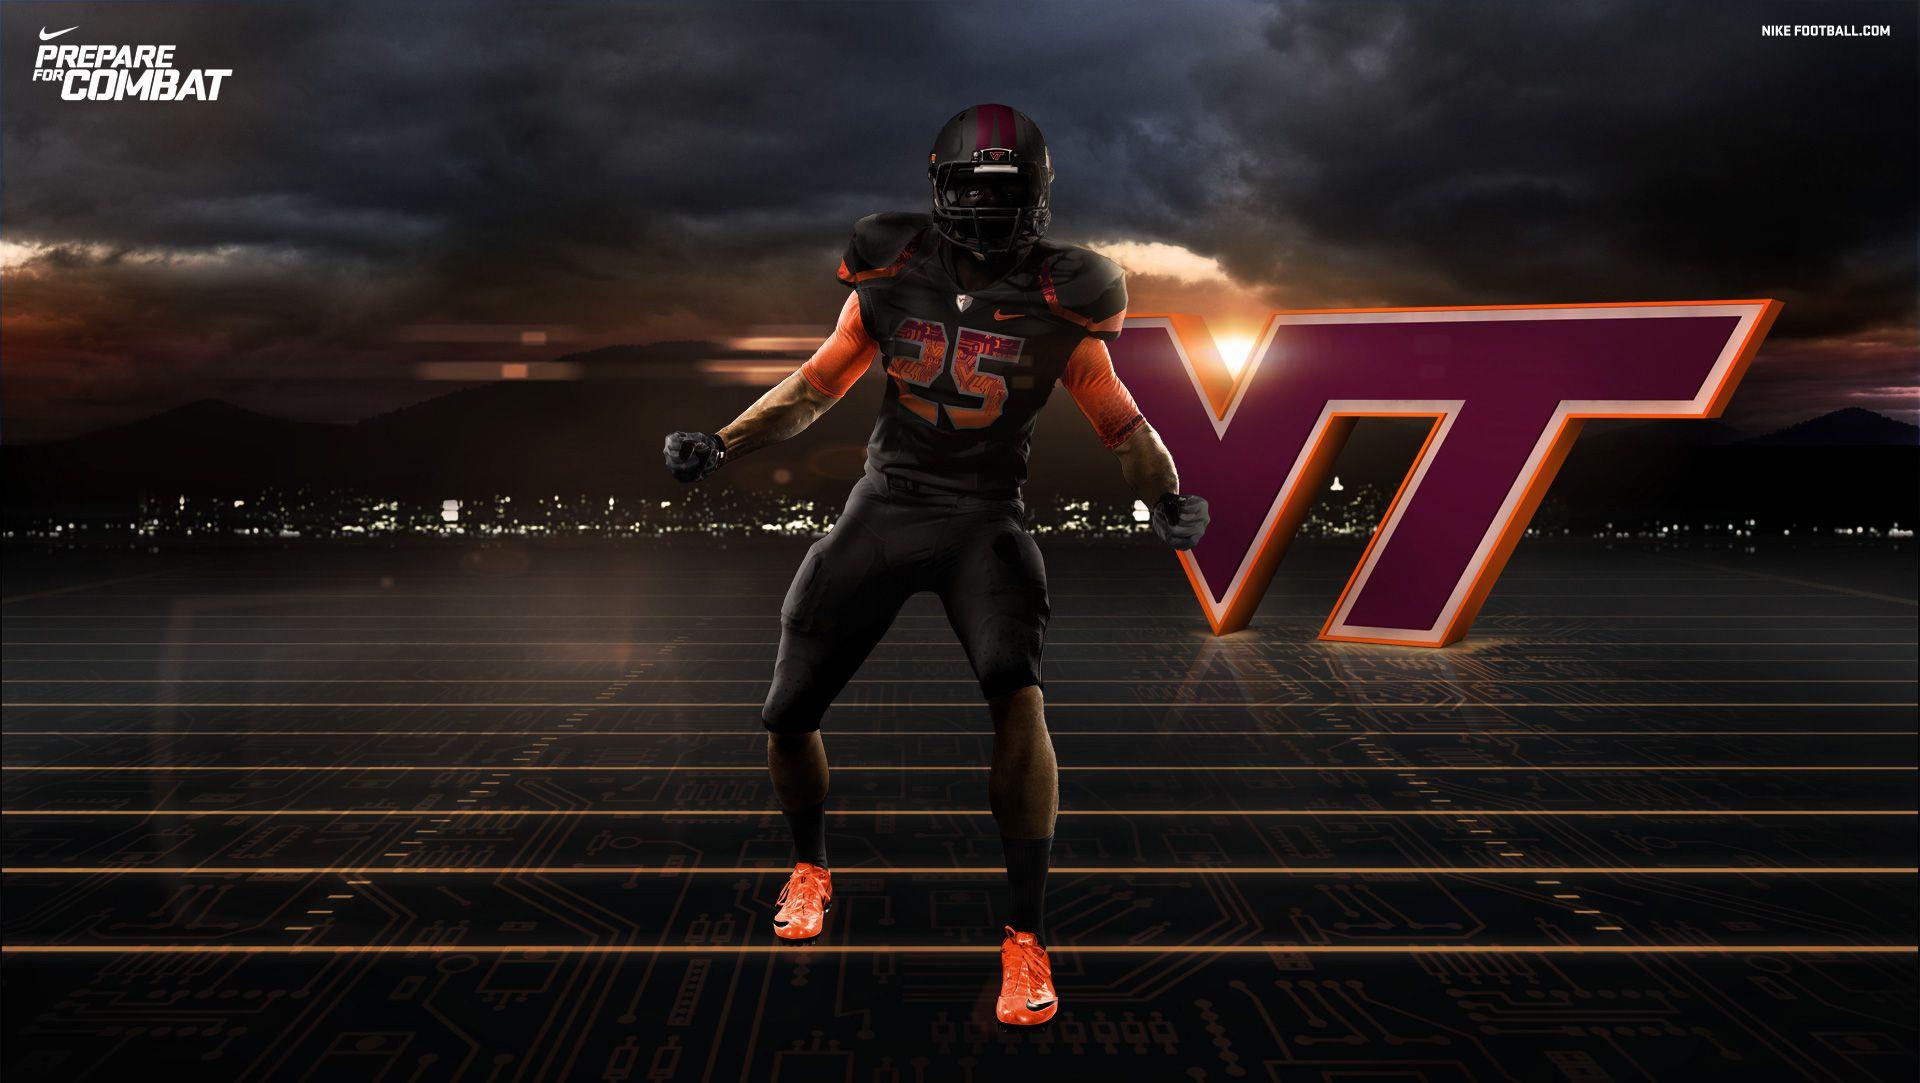 Vt Ribbon We Will Prevail Hokies Virginia Tech Virginia Tech Hokies